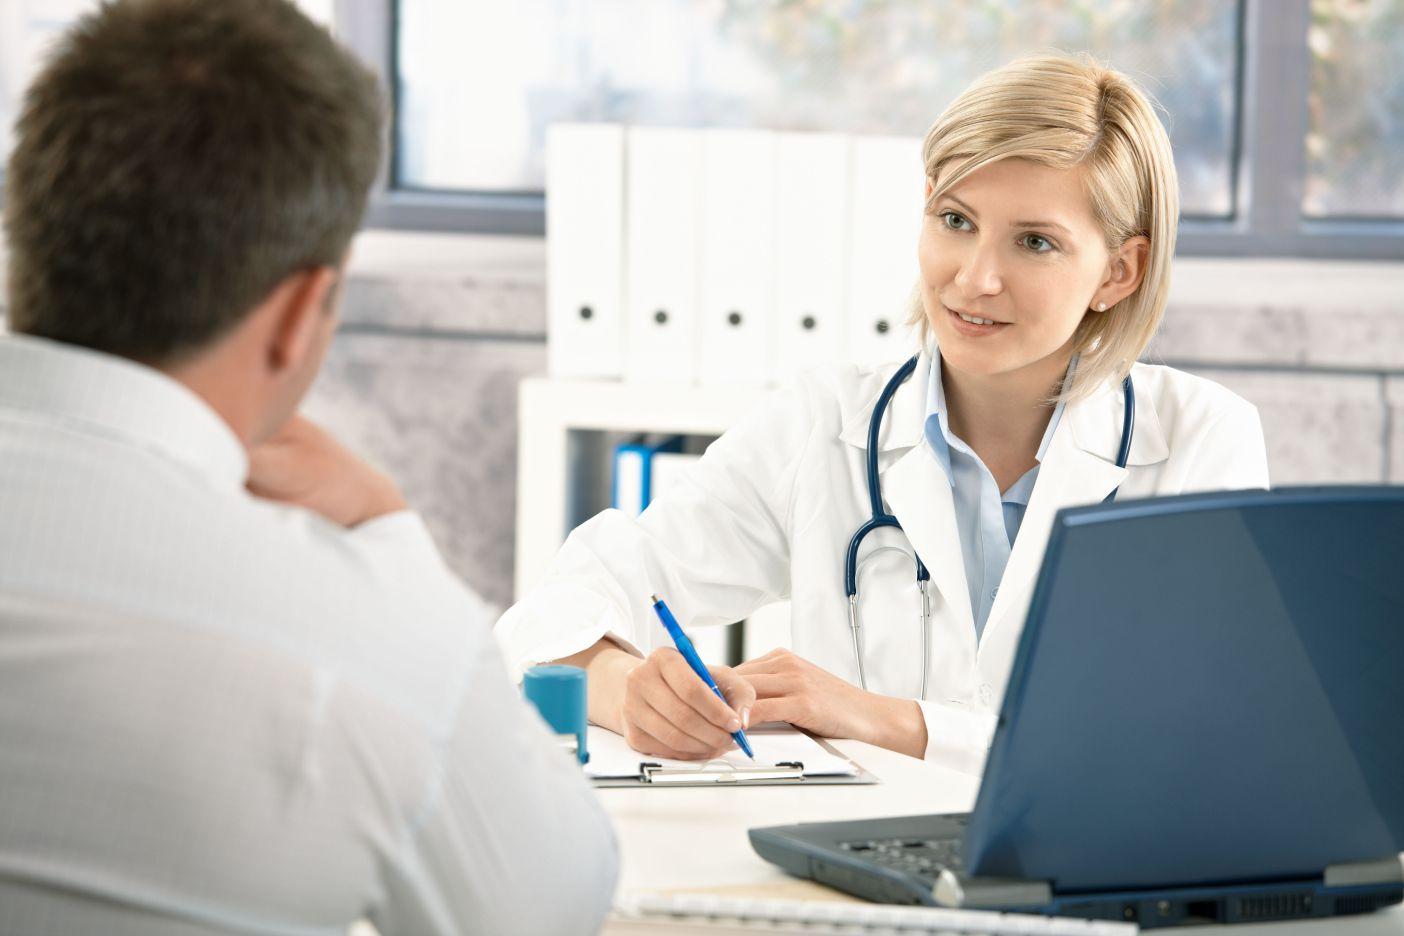 מרפאה עצמאית לבריאות המשפחה